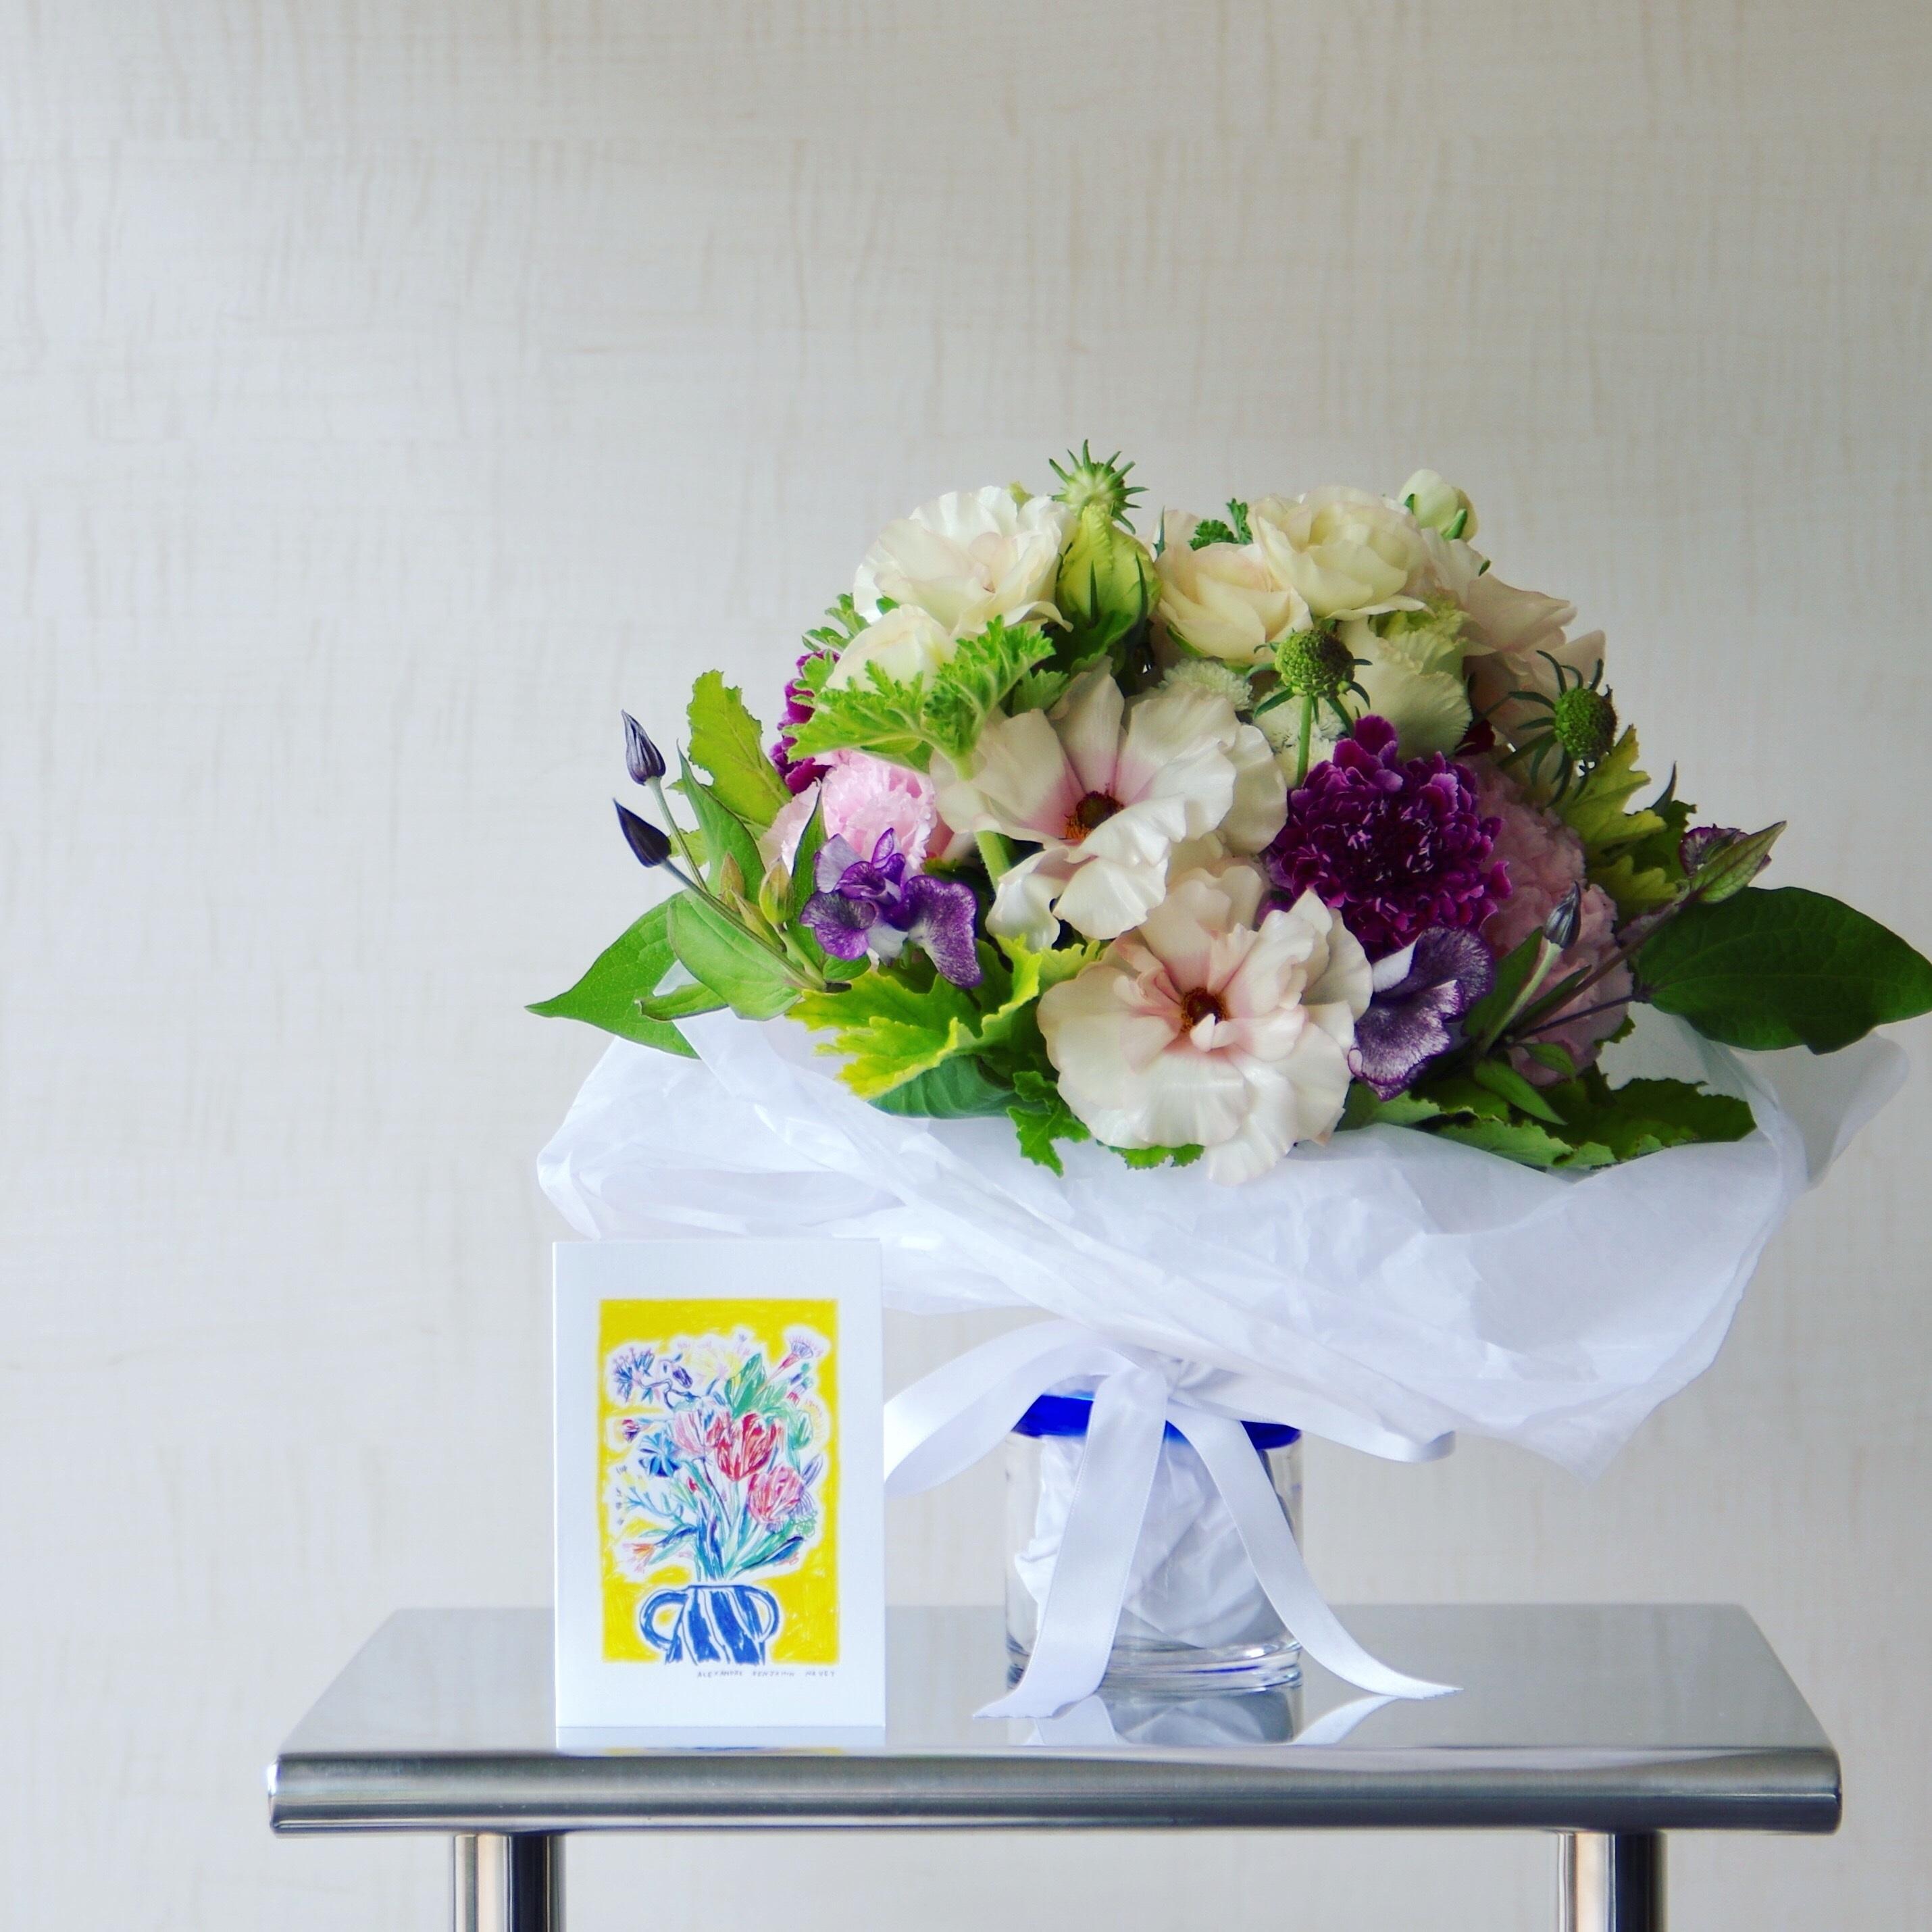 今年も編集部に届いた、春の花。_1_1-1